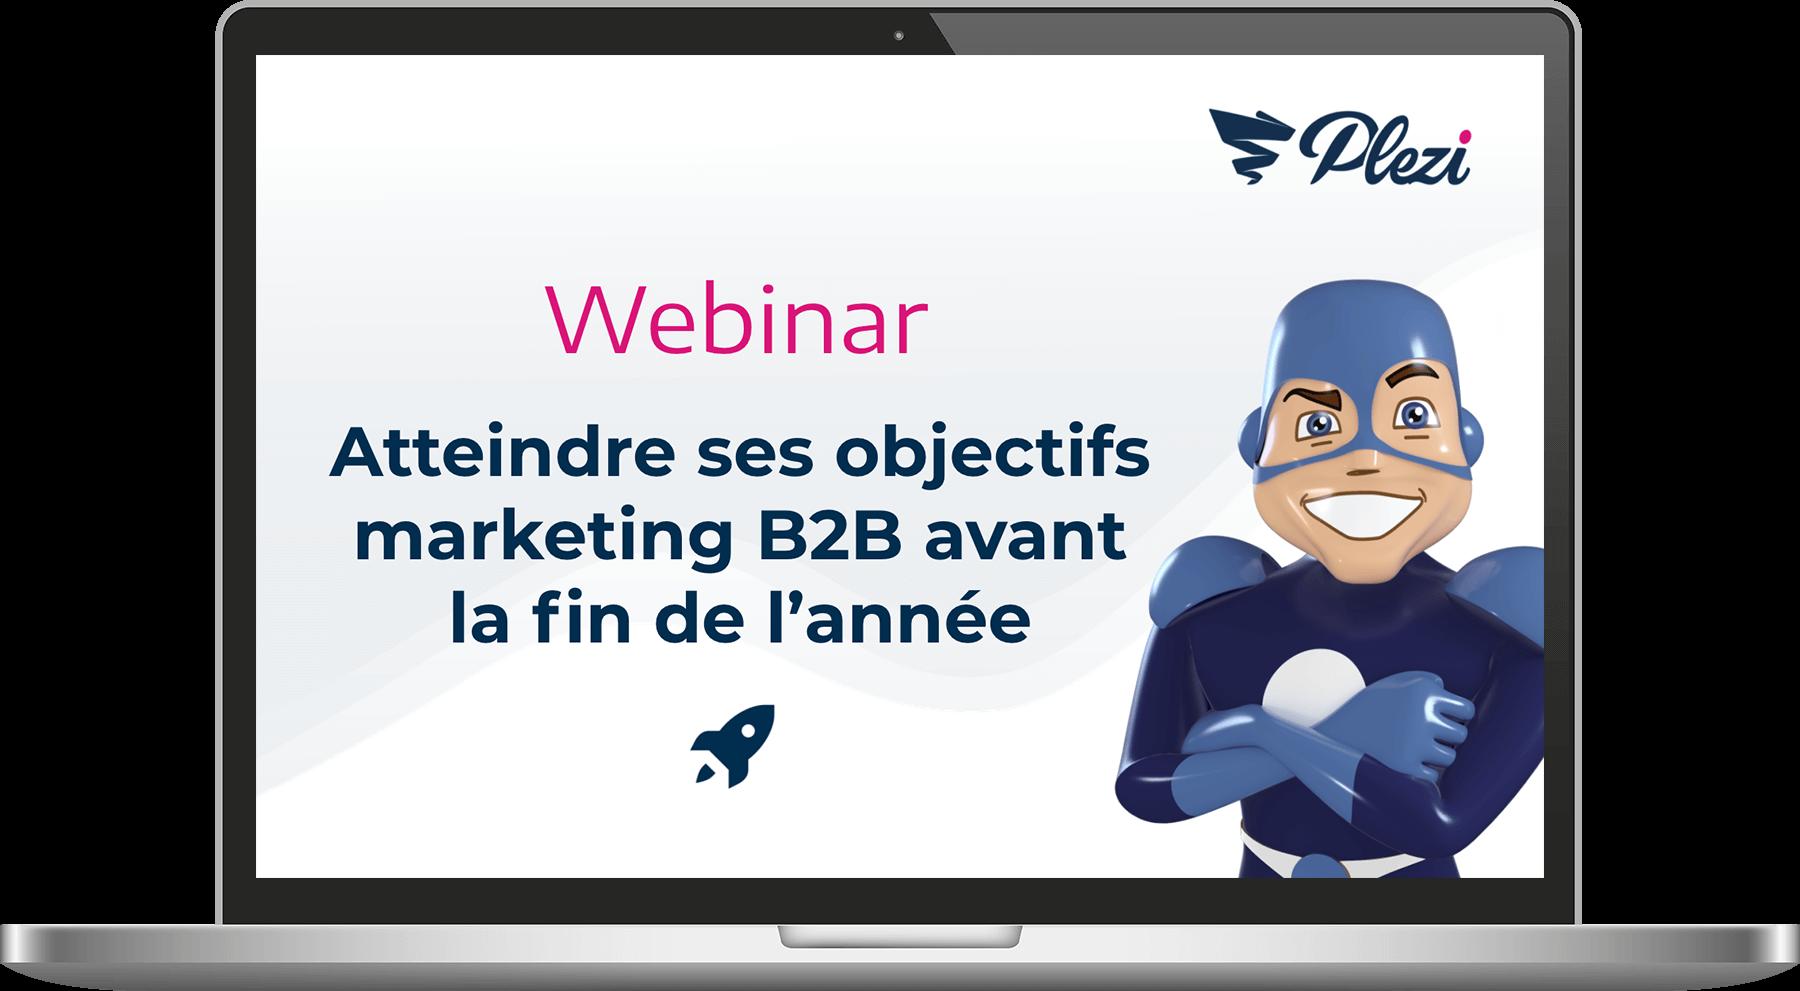 écran de présentation du webinar plezi sur les objectifs marketing B2B à atteindre avant la fin d'année